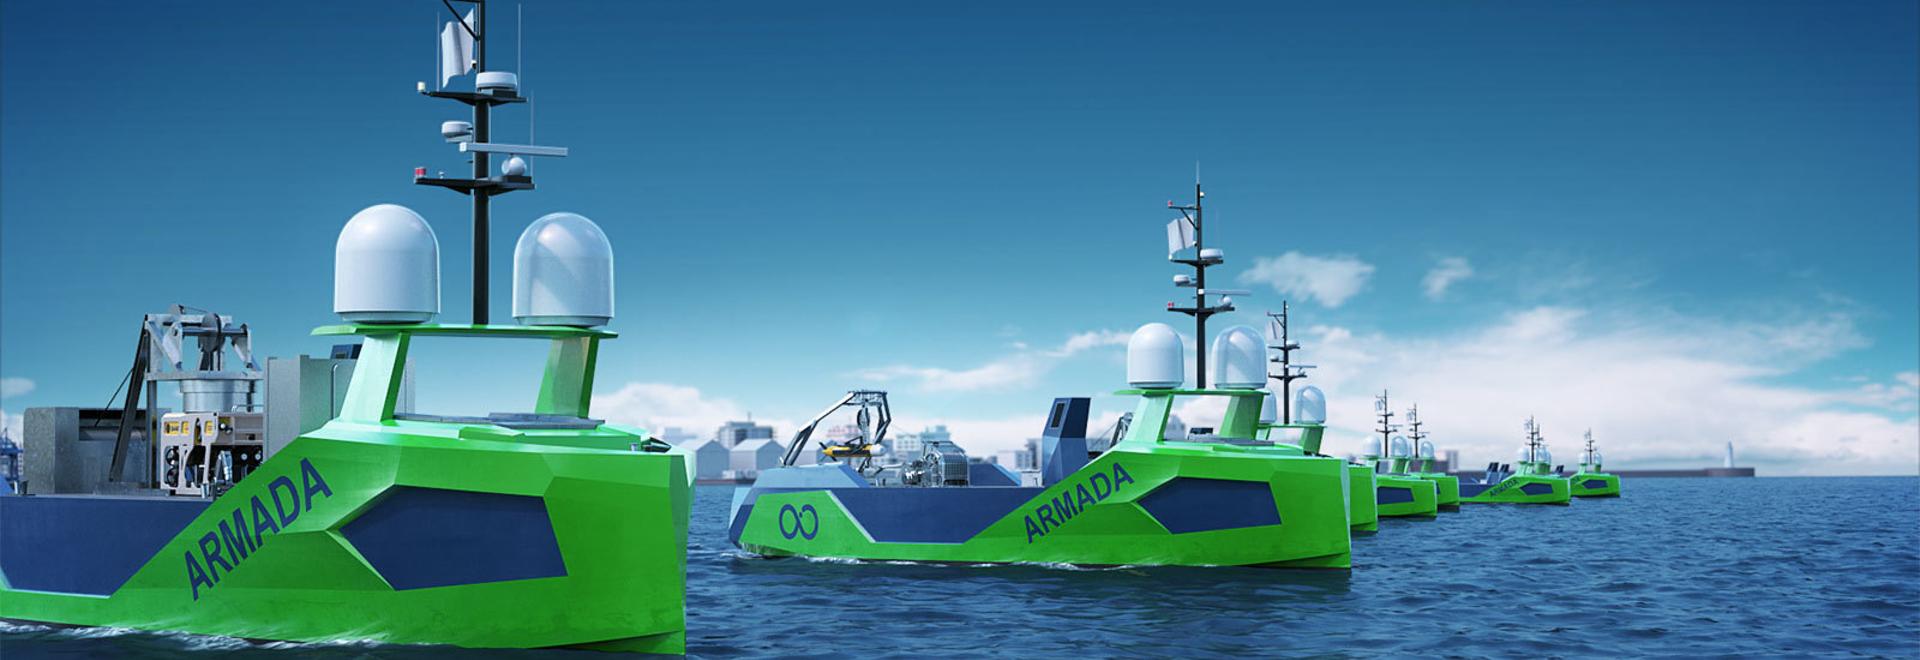 I Saab Seaeye Leopard si uniscono alla flotta 'Armada' di navi robot di superficie senza equipaggio.